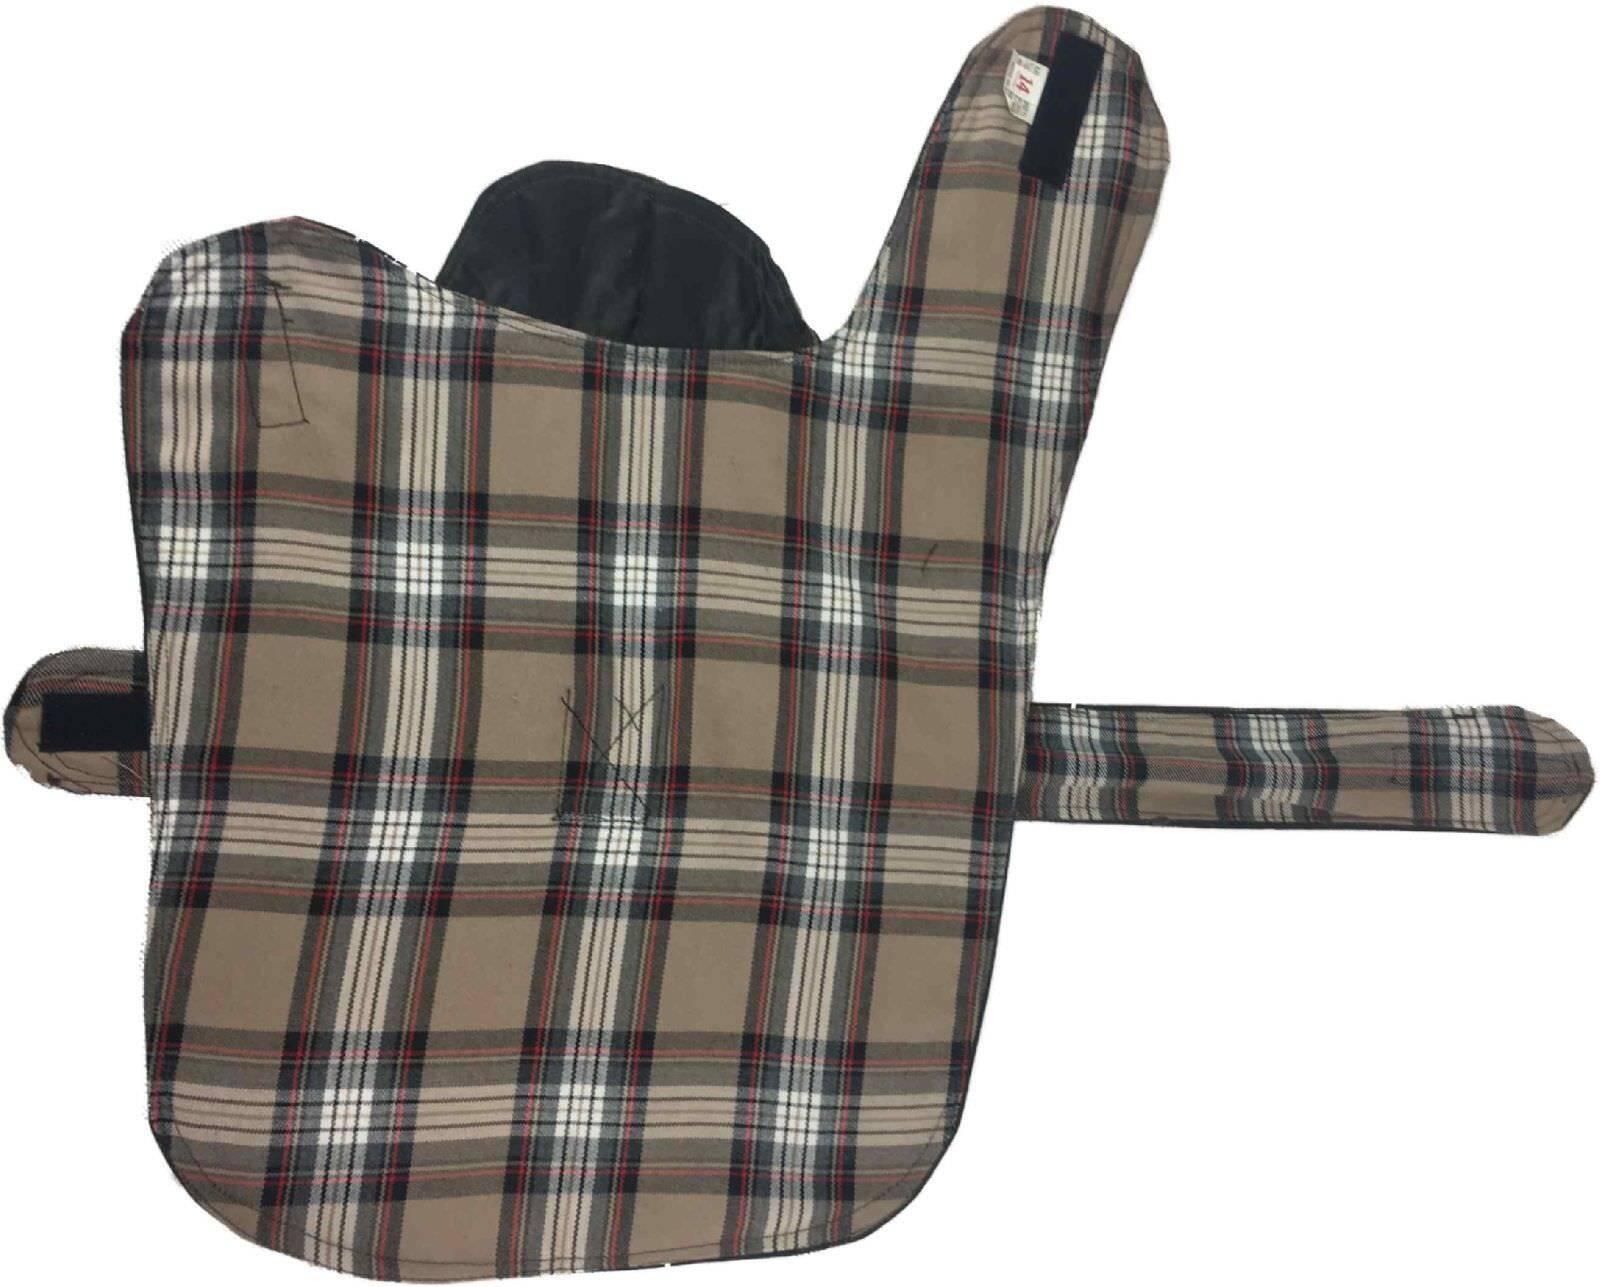 New Wax Dog Coat British Waterproof Cotton Rain Outdoor Windproof Puppy 9